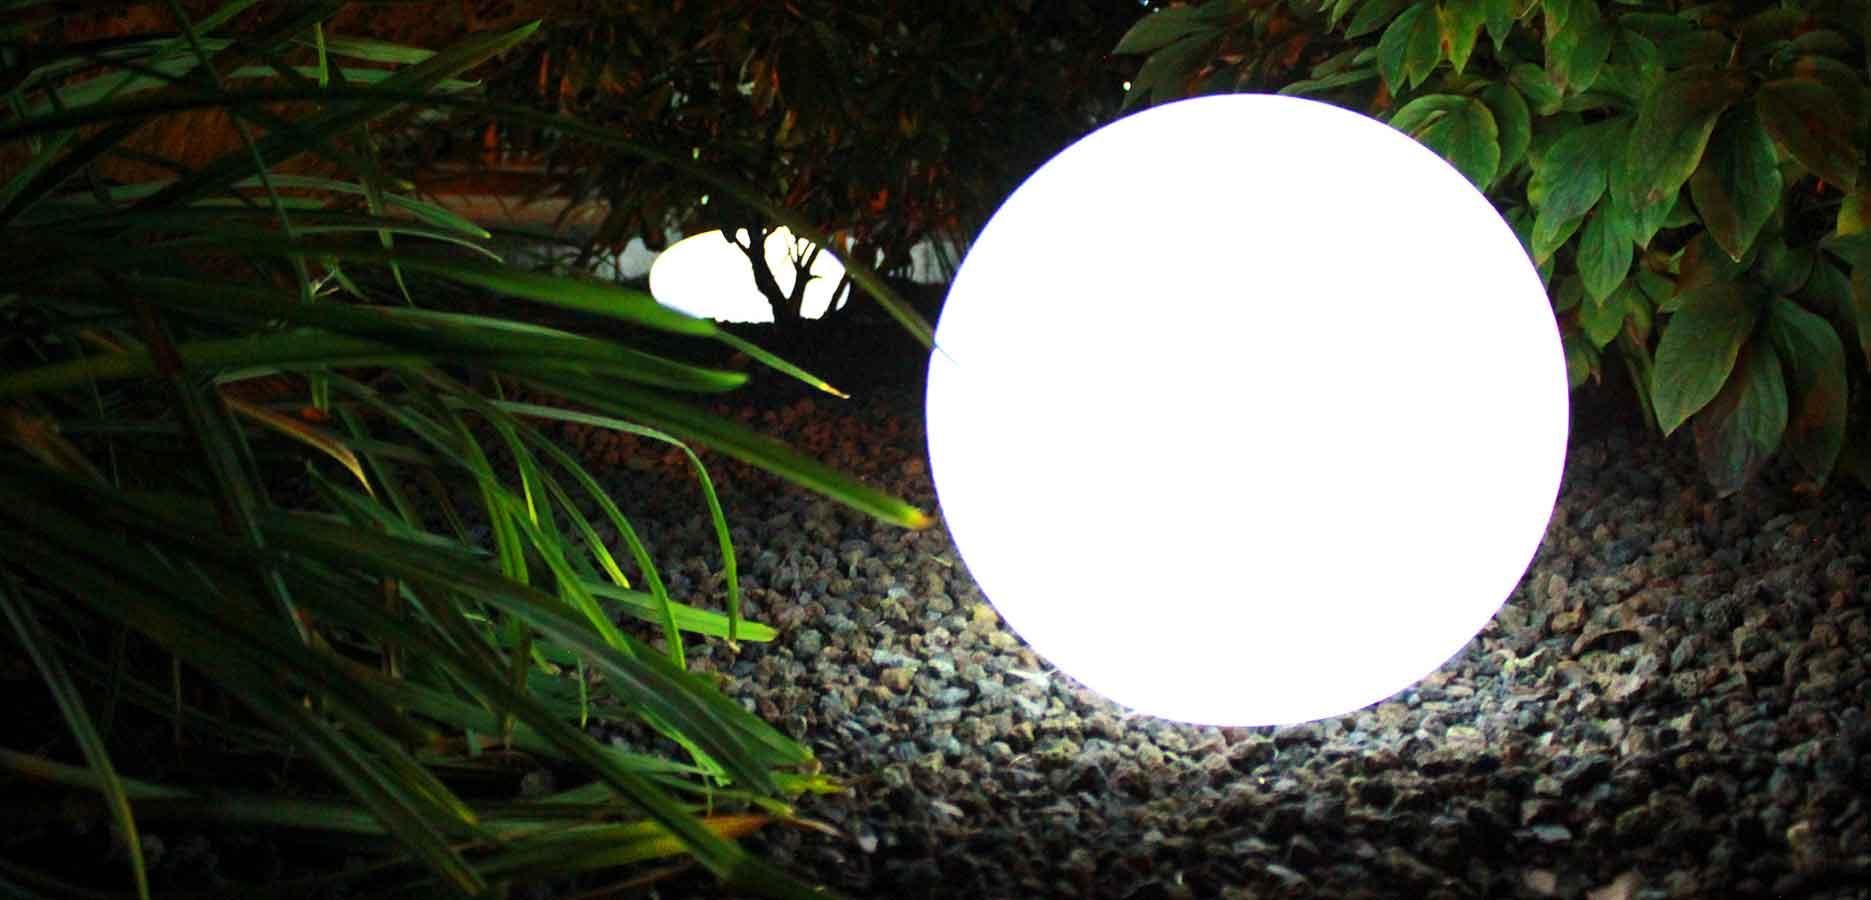 Bringe Licht in Dein Garten <br> zeige Dein Garten Leuchtend bei Nacht <br> mit Dekolampen und Leuchtfiguren.